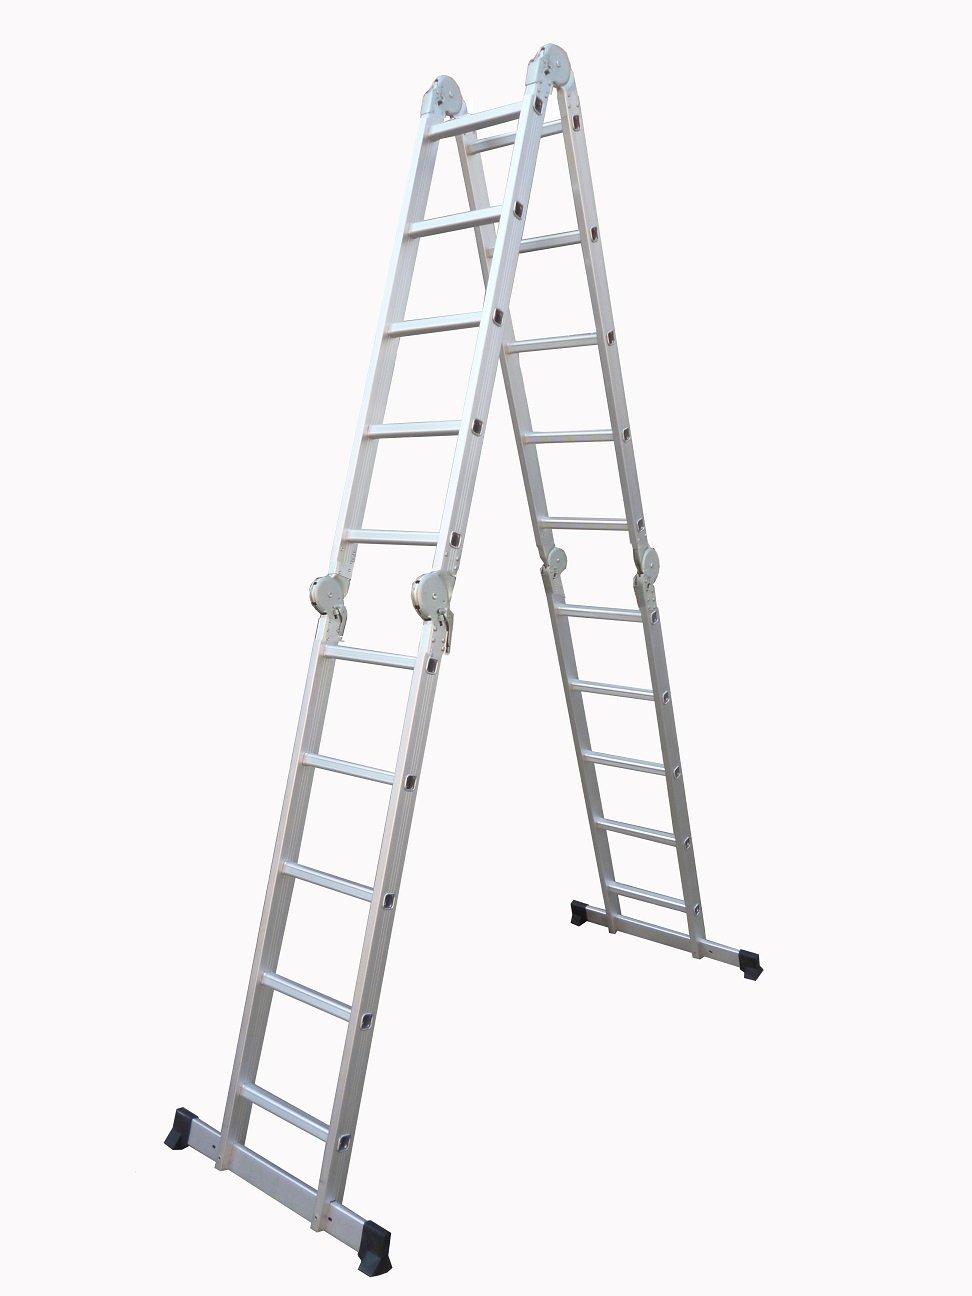 Profi 8-20 Stufen Mehrzweckleiter Leiter Aluleiter Steigleiter Klappleiter Bockleiter Alu Malerleiter 4x5 Stufen